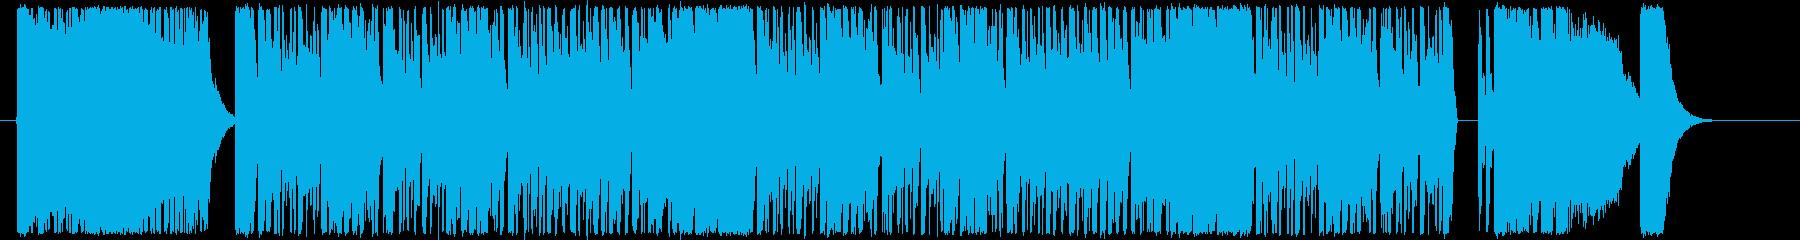 和風・三味線・テクノ。ループ可の再生済みの波形